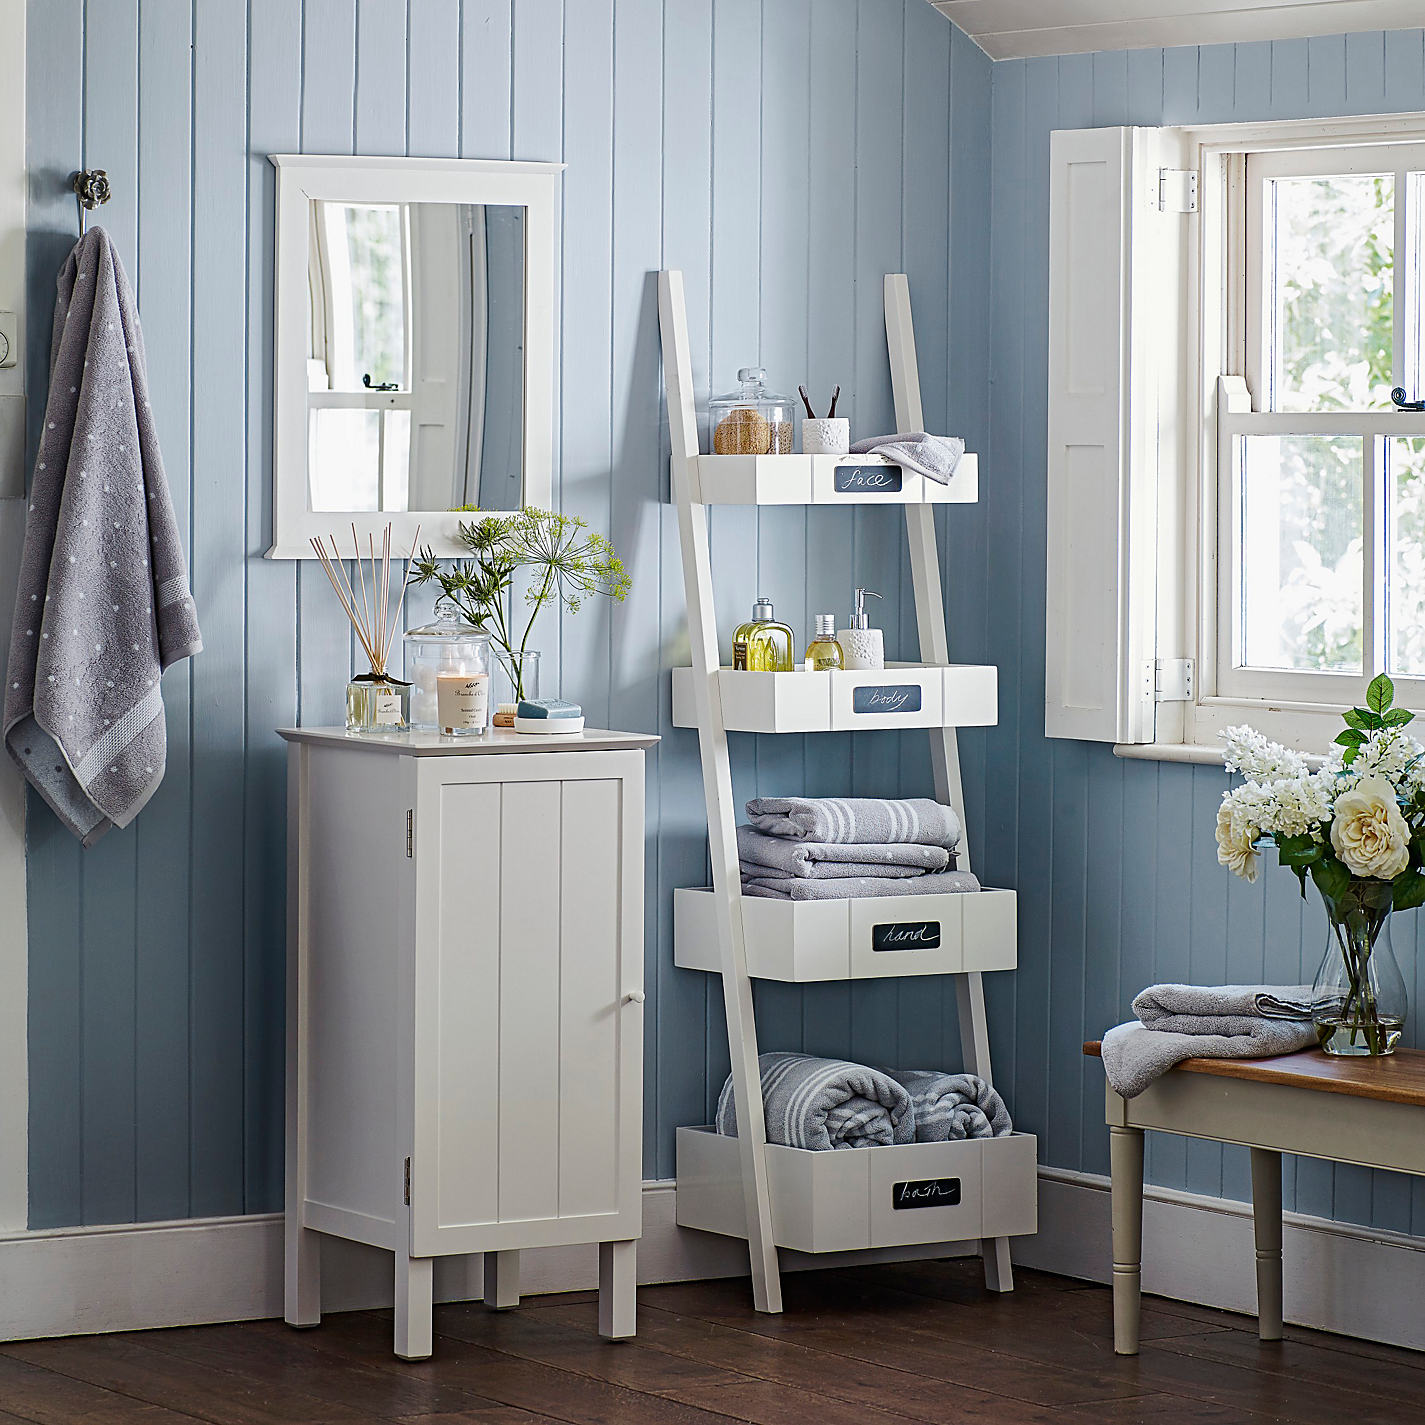 Bathroom Design John Lewis buy john lewis st ives mirror, white | john lewis